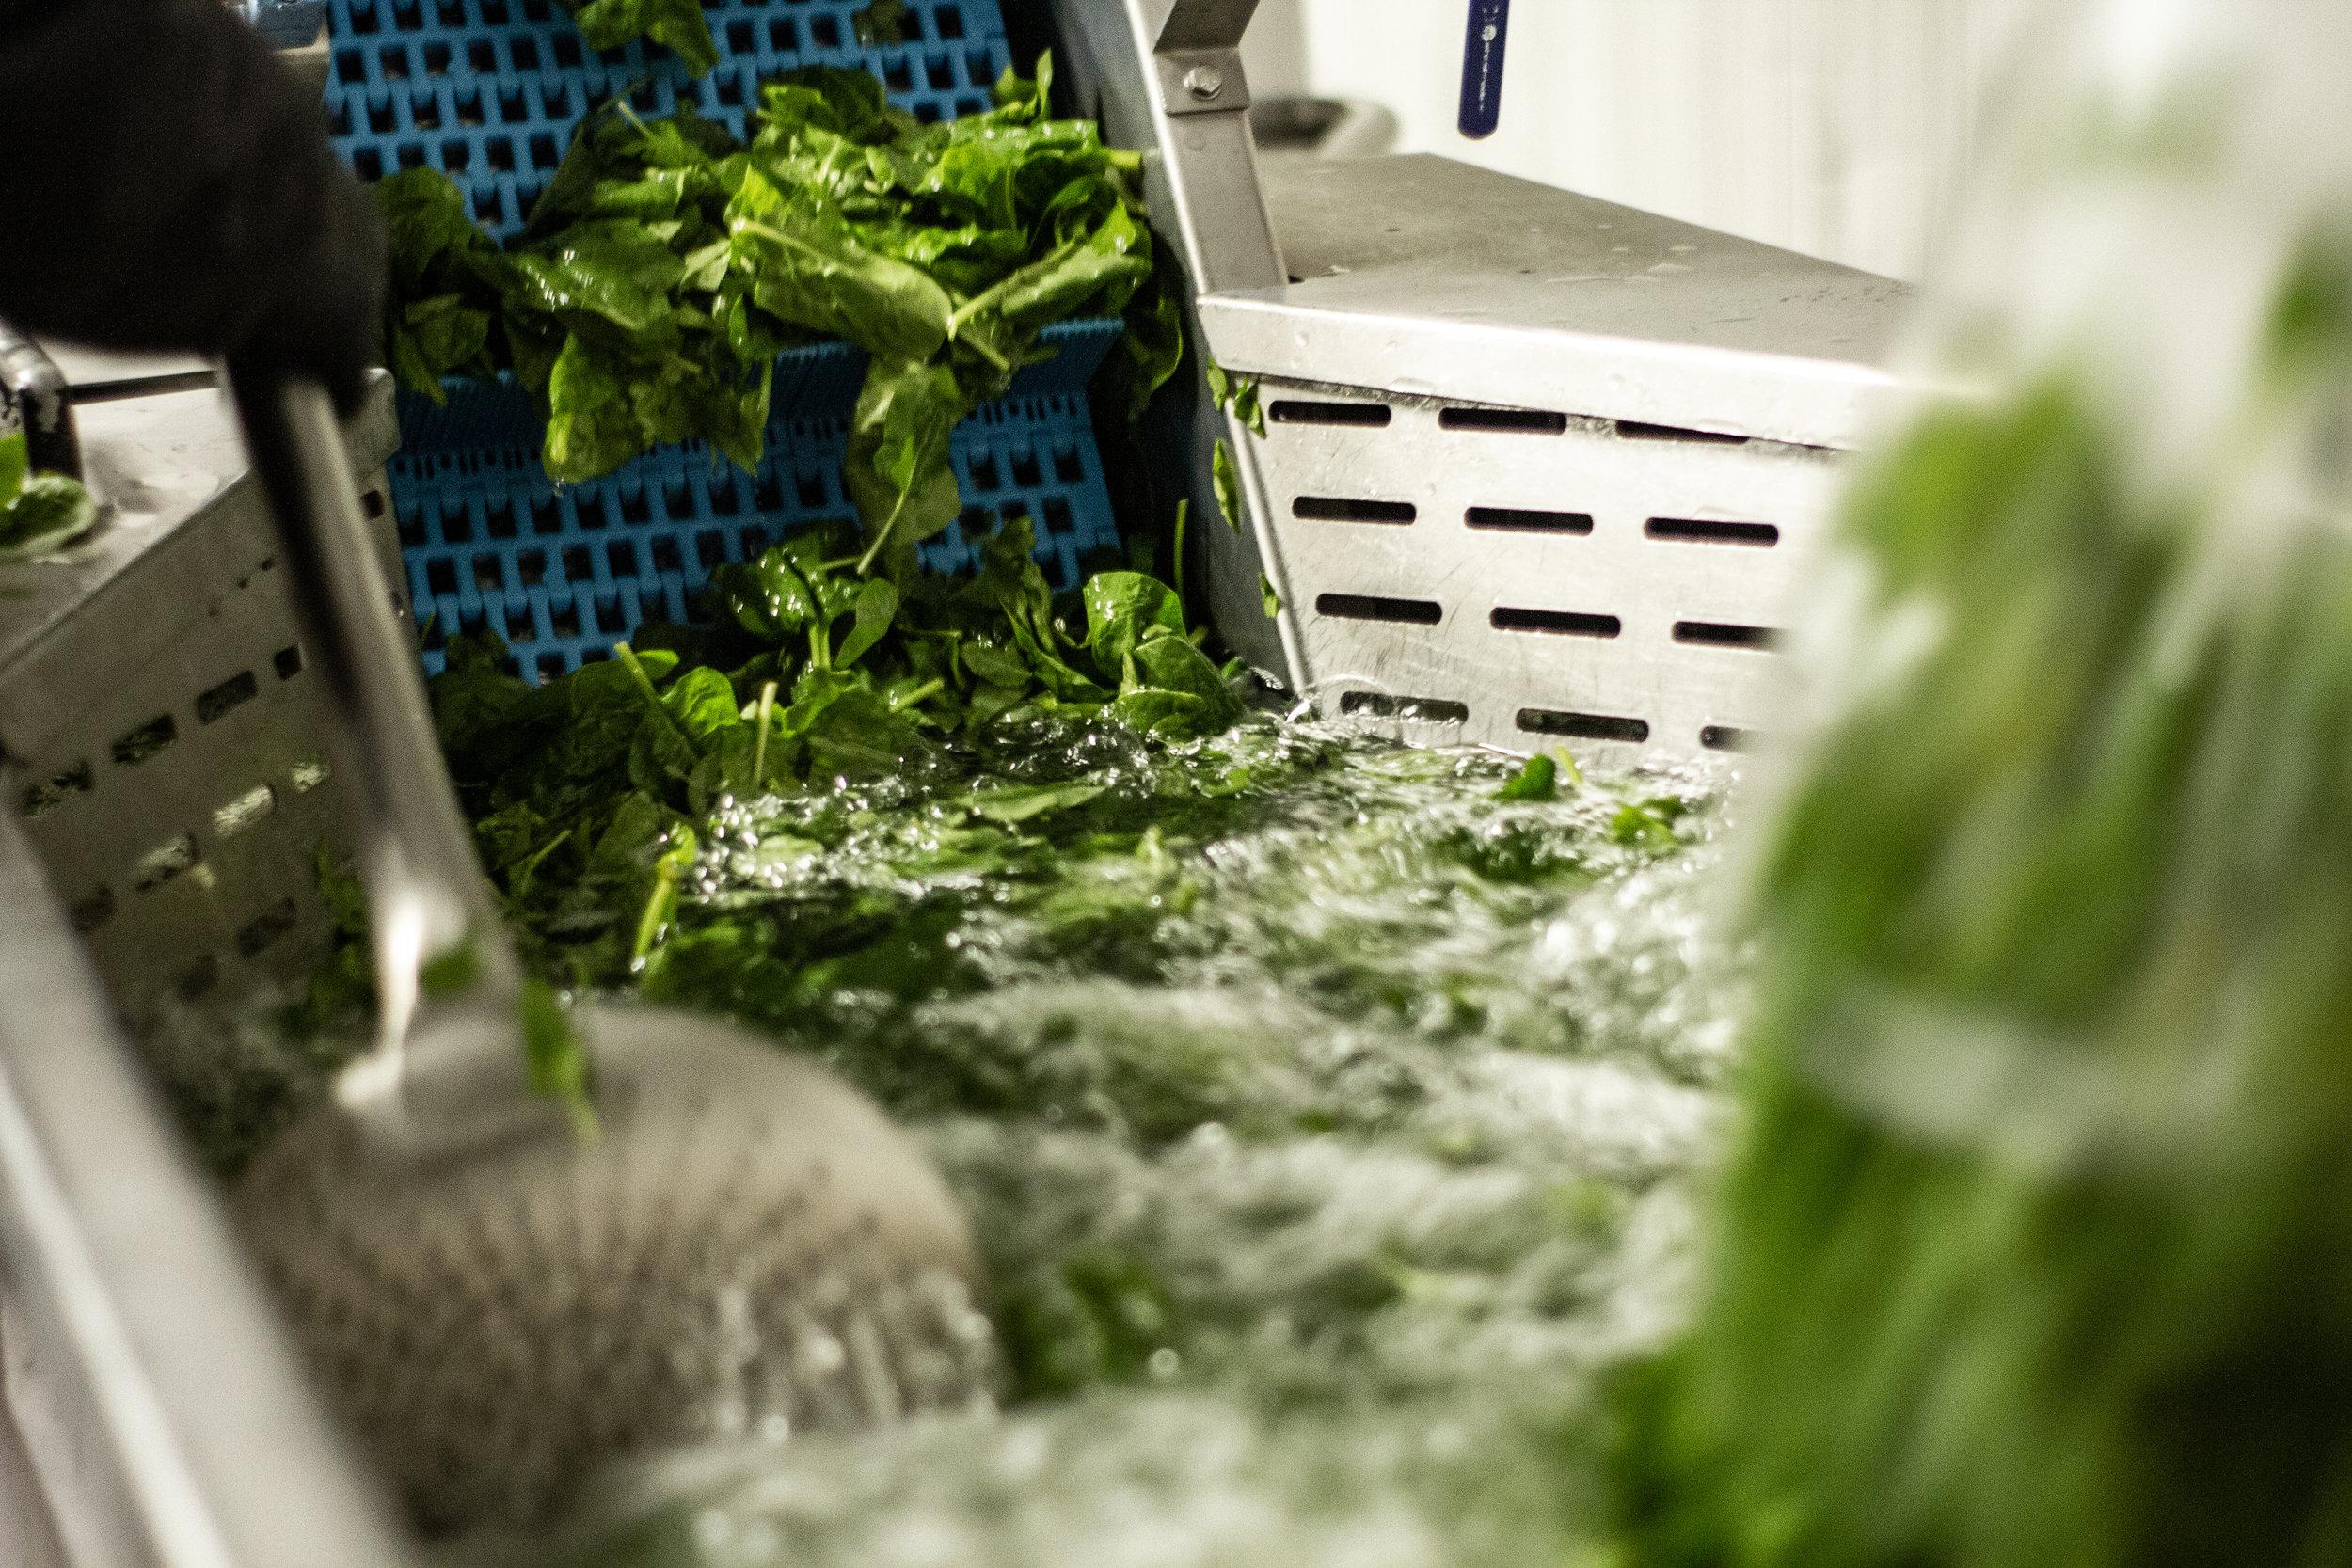 Nach dem Waschen wird der Spinat über ein Band zu einer Mühle transportiert.